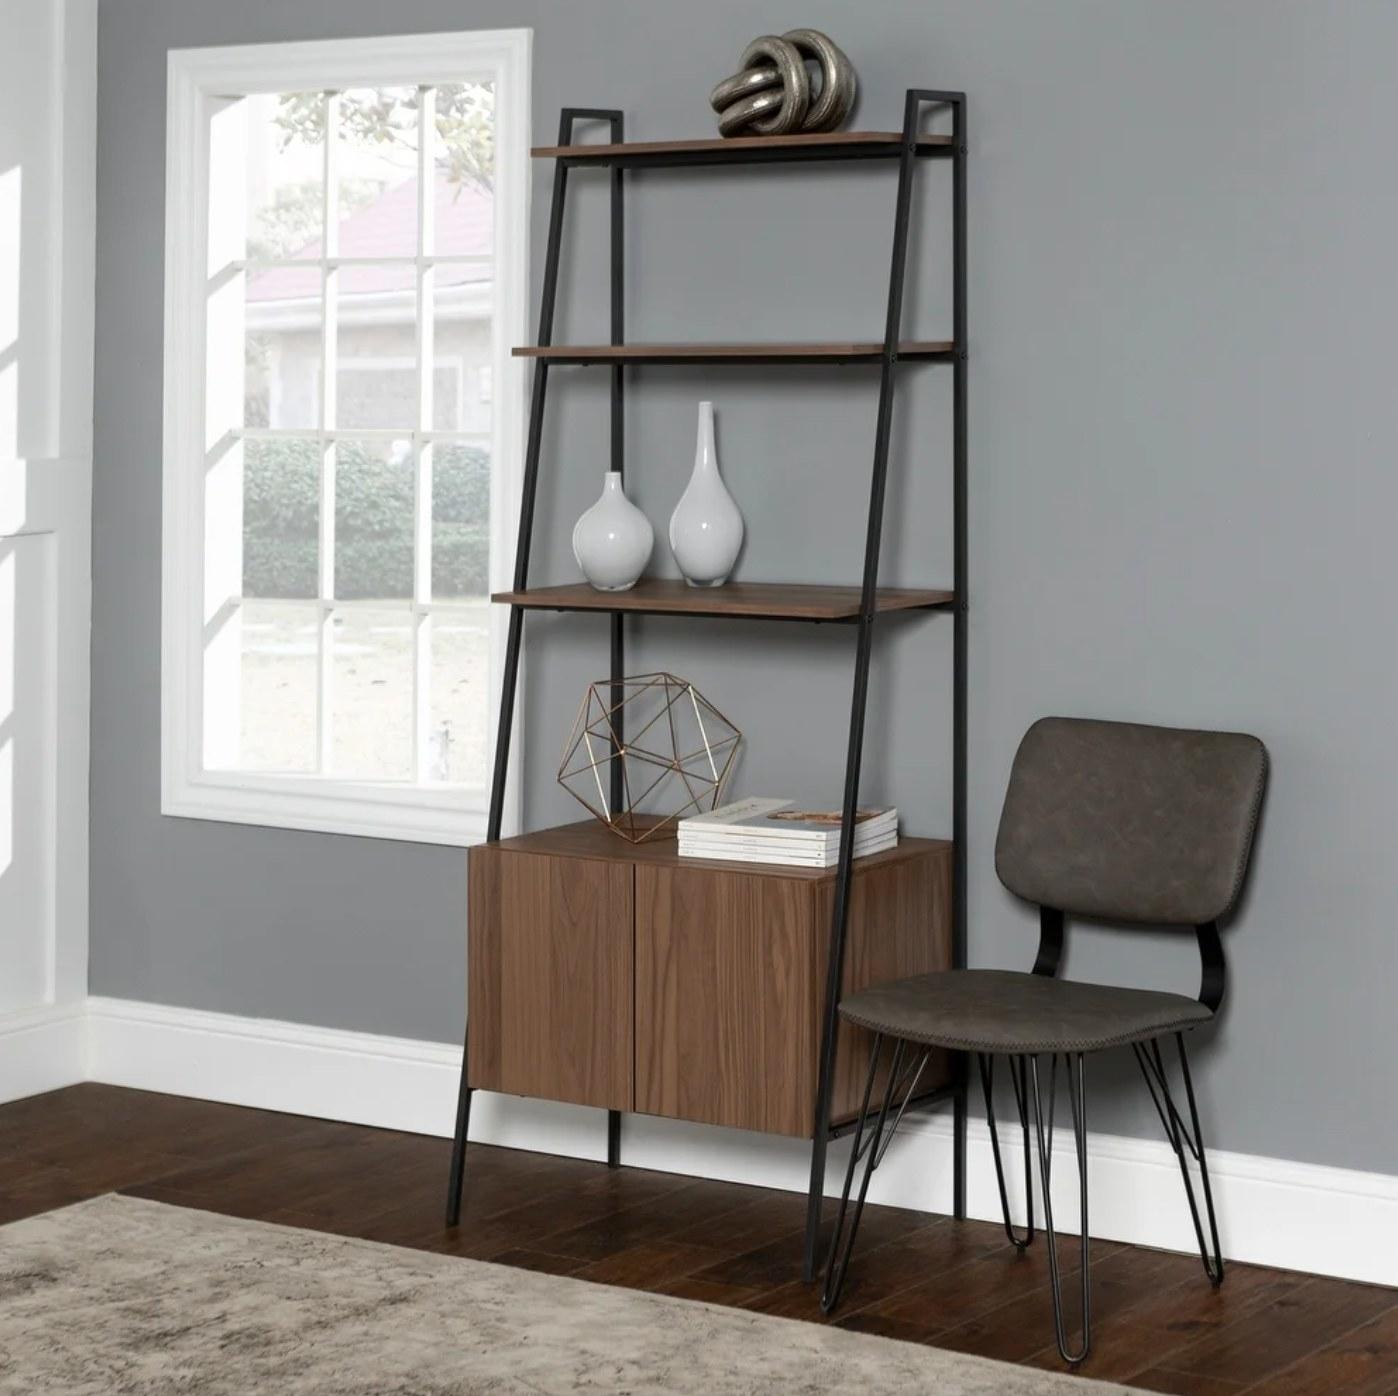 The storage bookshelf